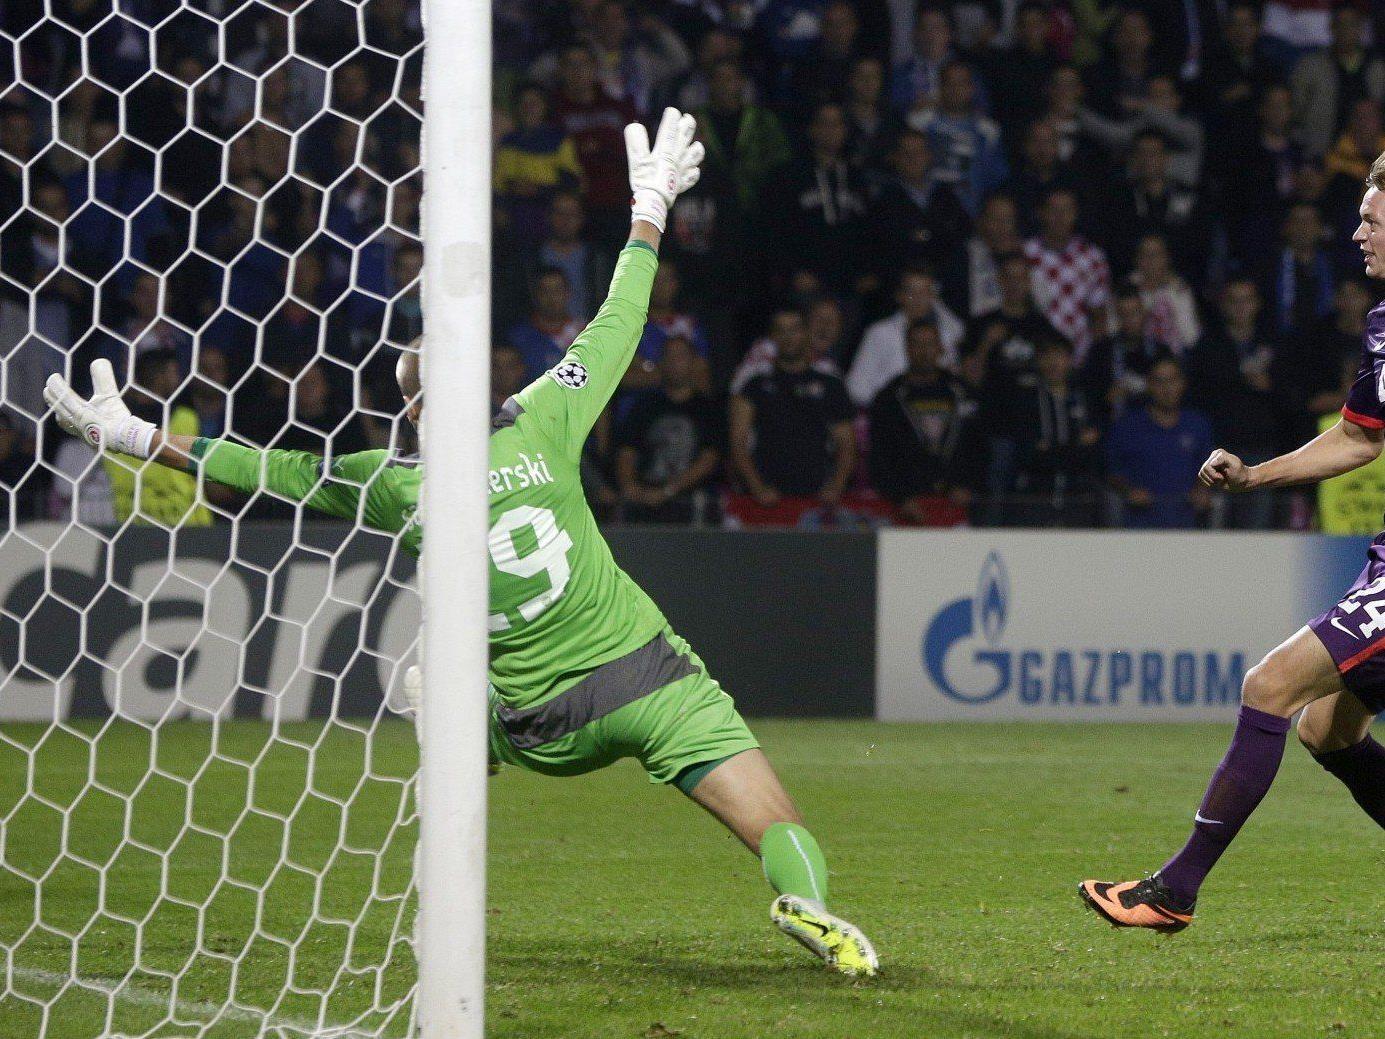 Die Wiener Austria steht trotz Niederlage gegen Dinamo Zagreb in der Gruppenphase der Champions League.